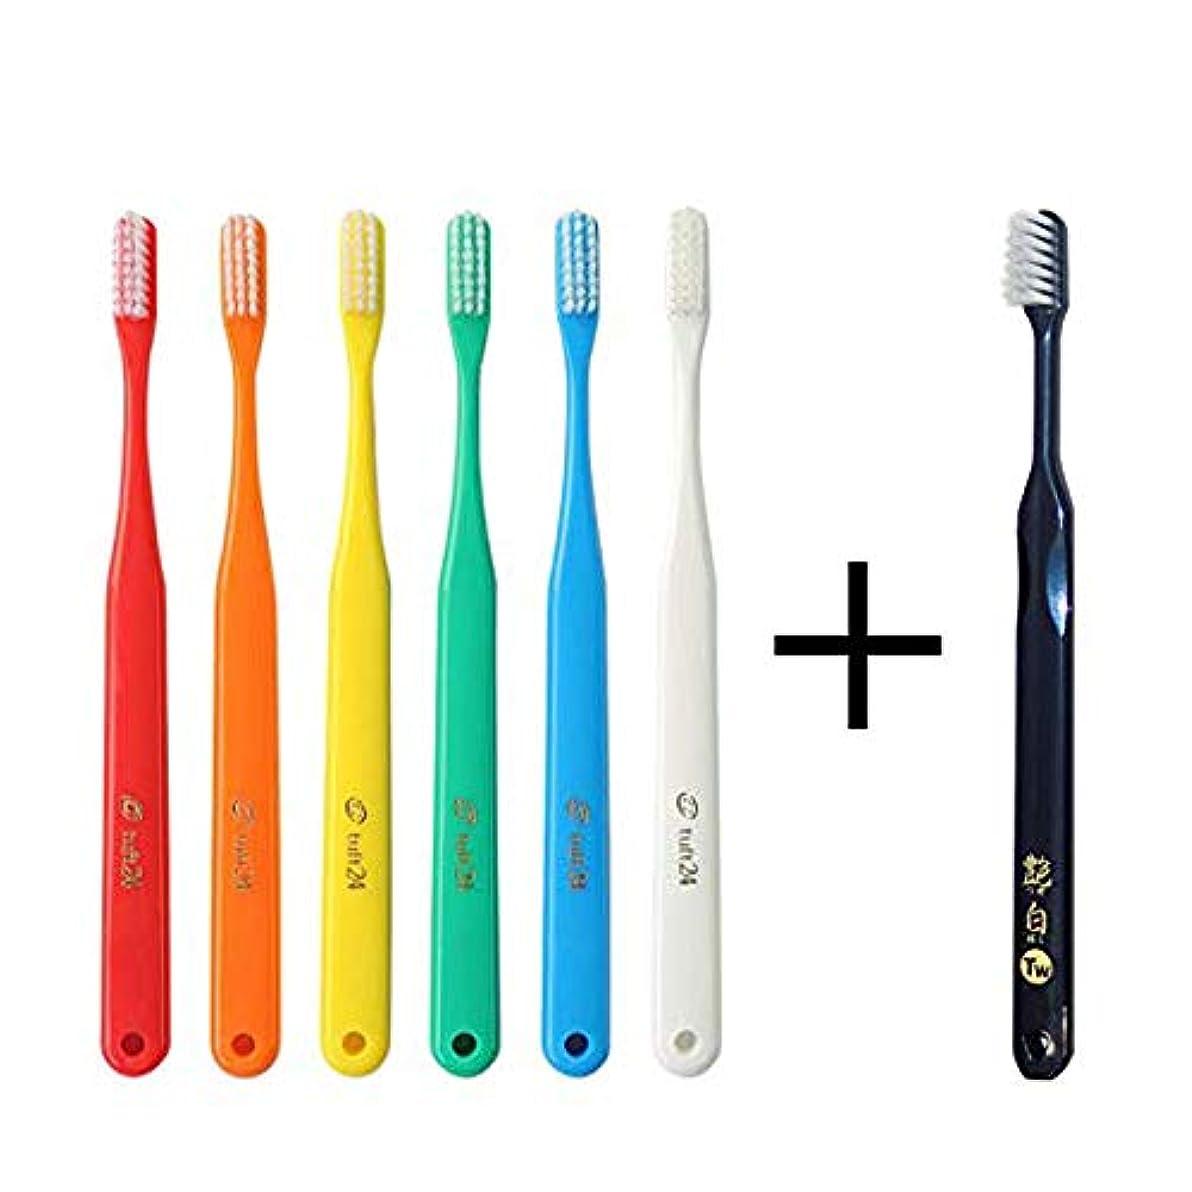 スーパーヤング未接続タフト24 歯ブラシ × 10本 (S) キャップなし + 艶白ツイン ハブラシ×1本(S やわらかめ) むし歯予防 歯科専売